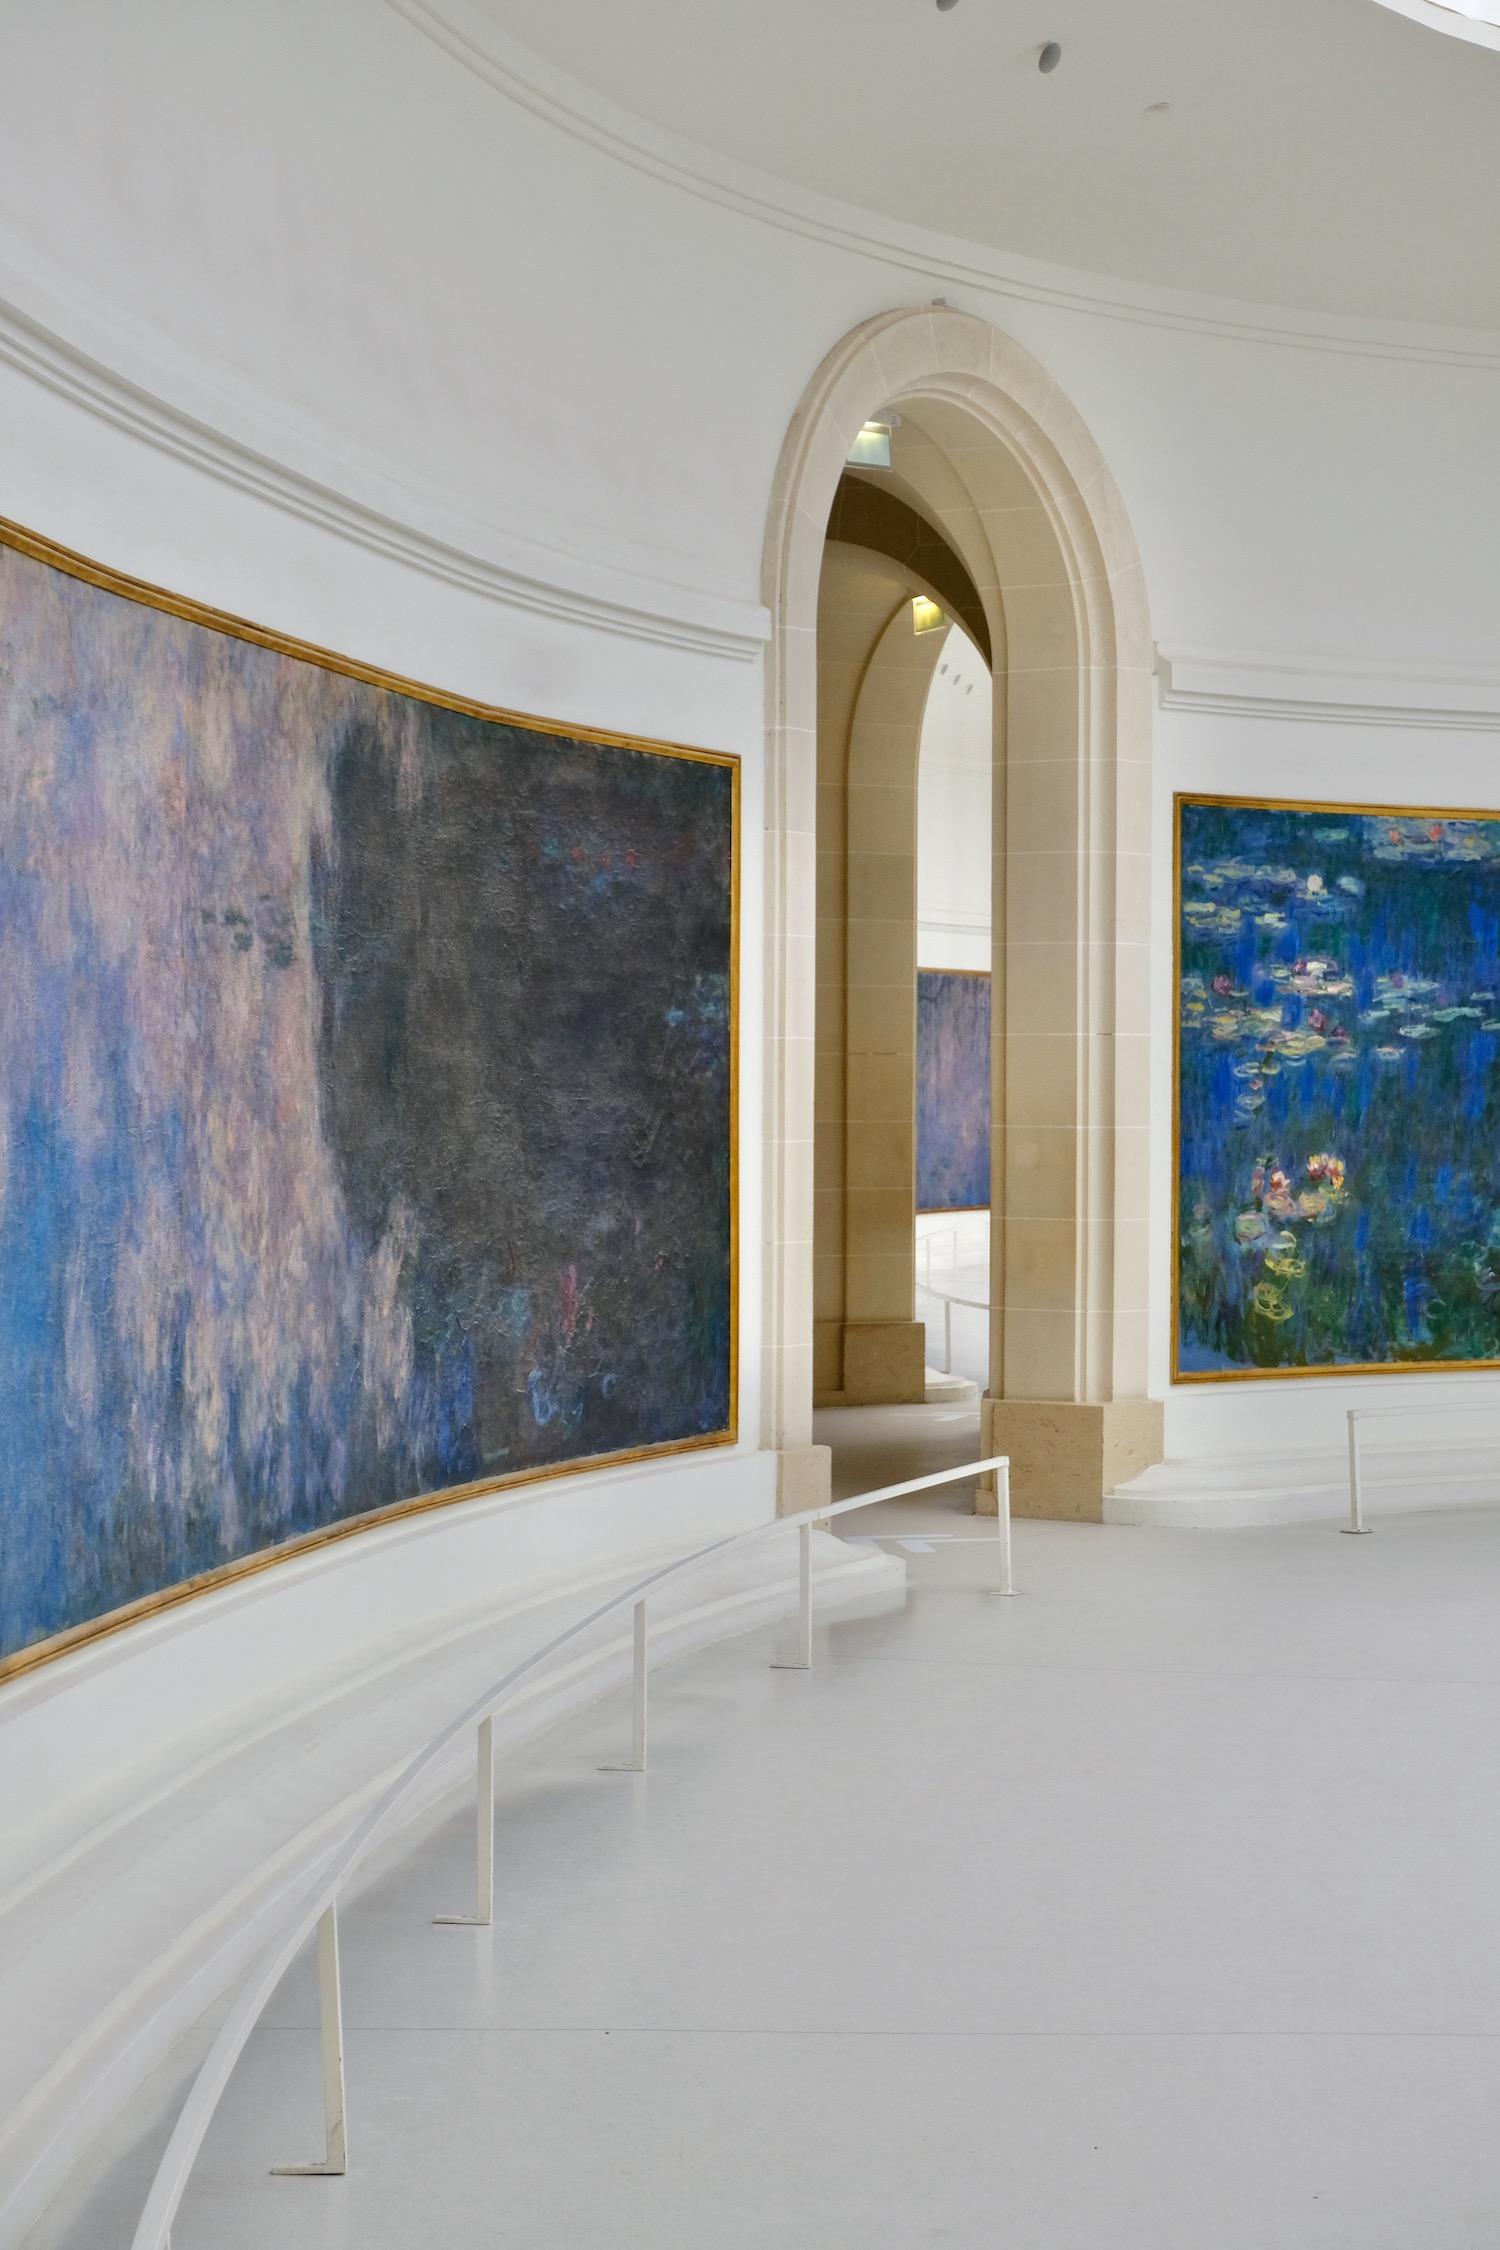 Reopening of museums in Paris Musée de l'Orangerie